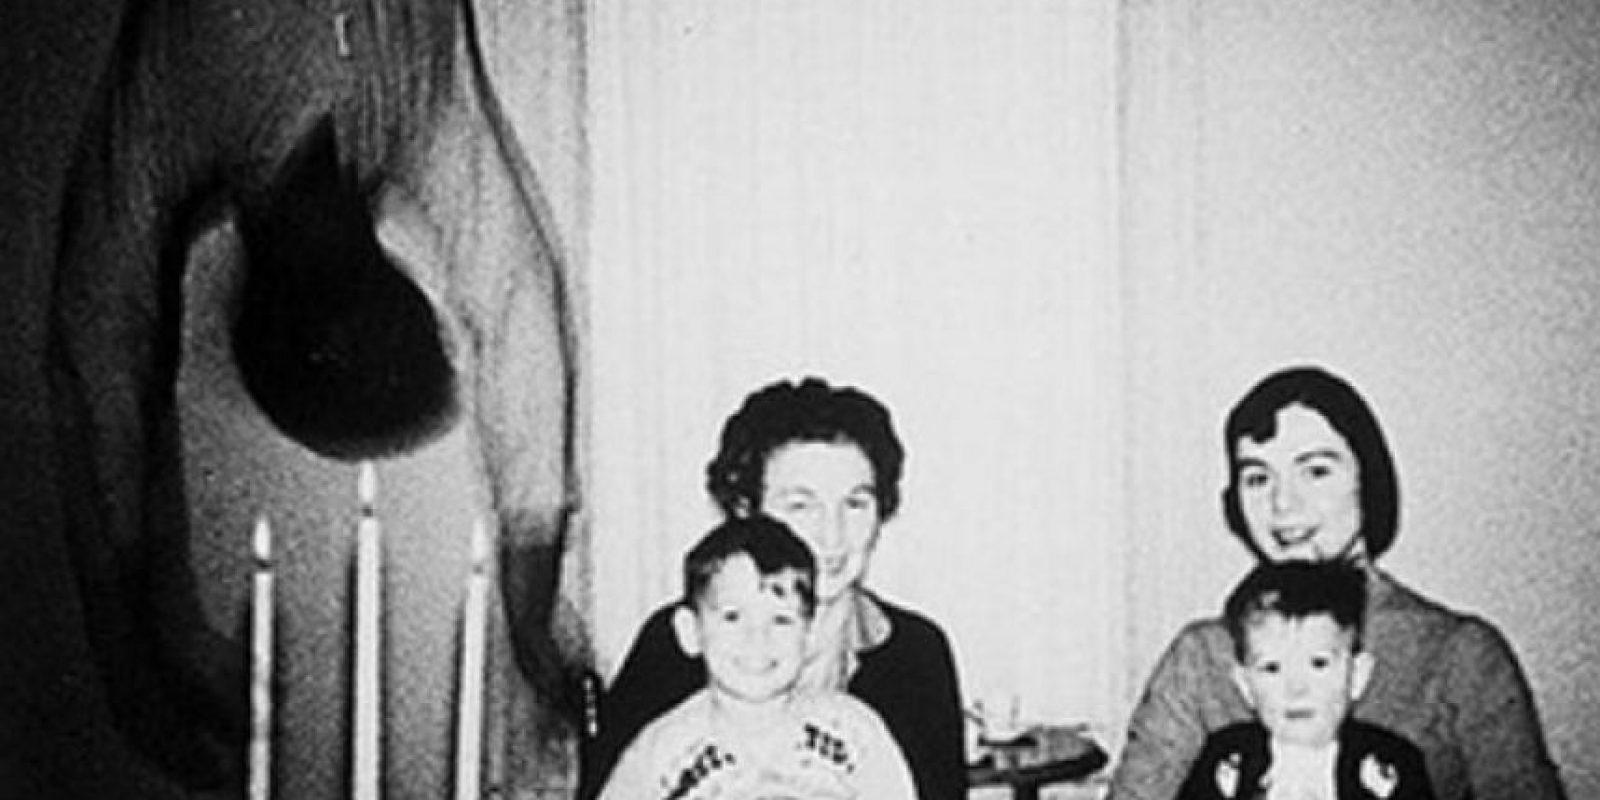 La familia Cooper descubrió una presencia en una fotografía tomada en su hogar. Foto:Sitio web